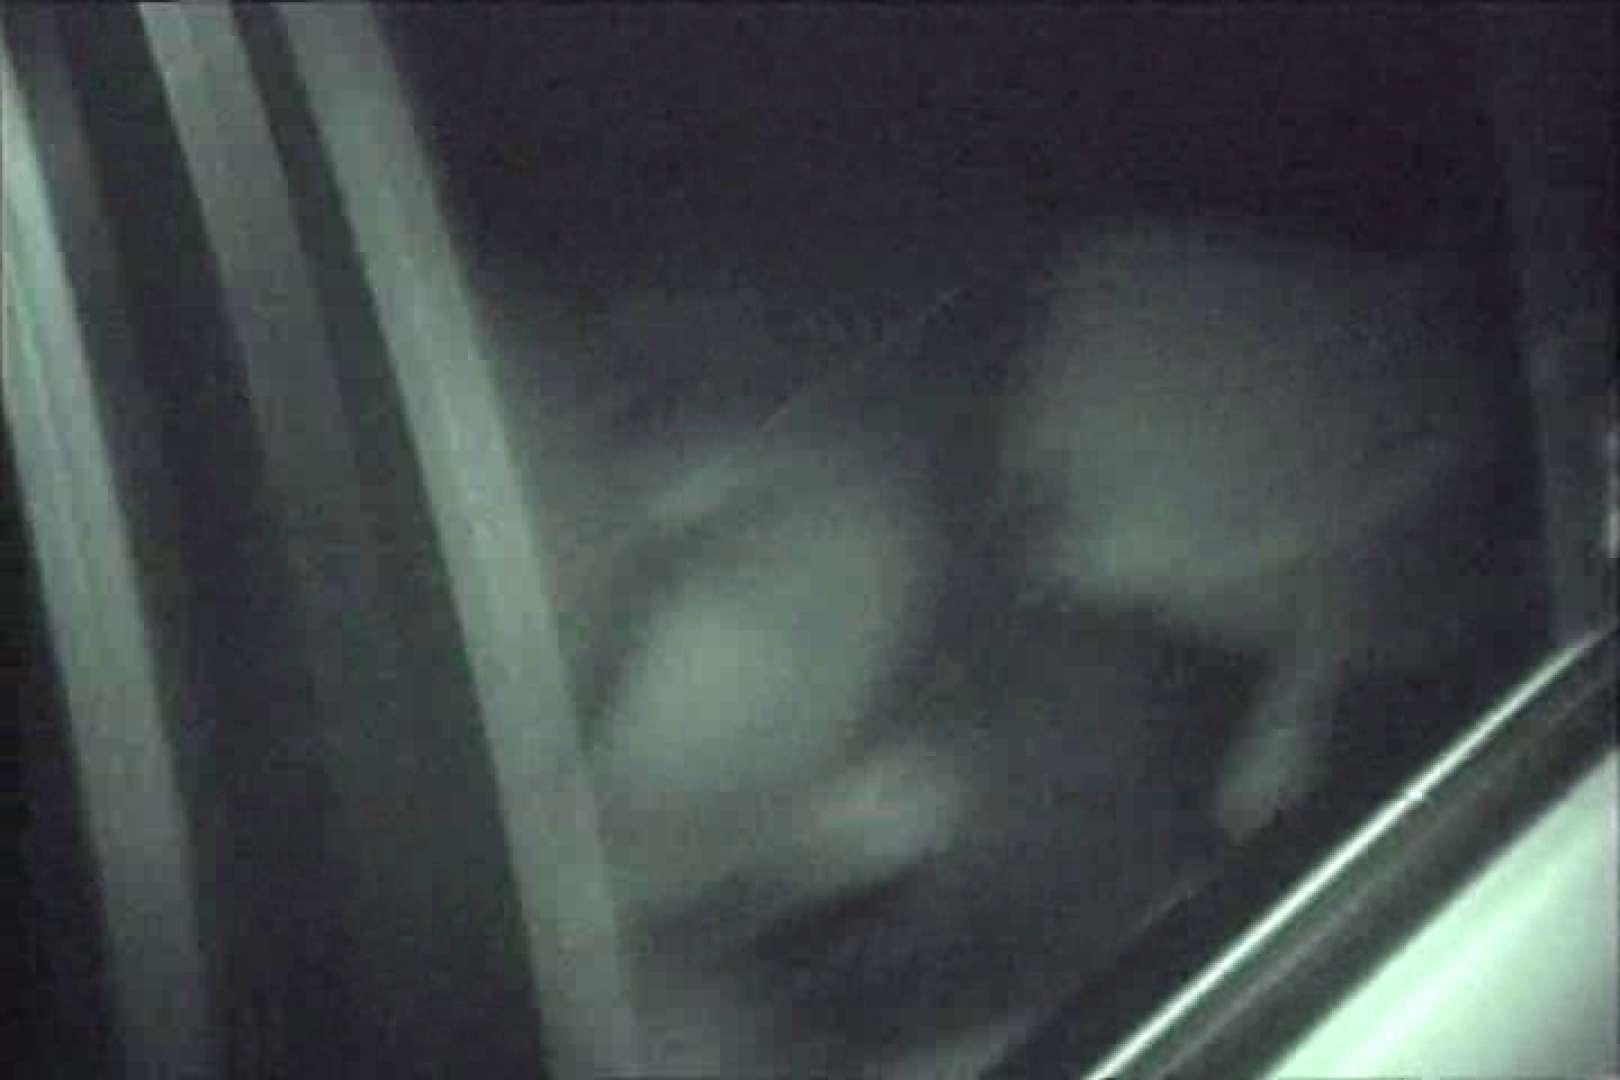 車の中はラブホテル 無修正版  Vol.17 ラブホテル SEX無修正画像 97画像 69